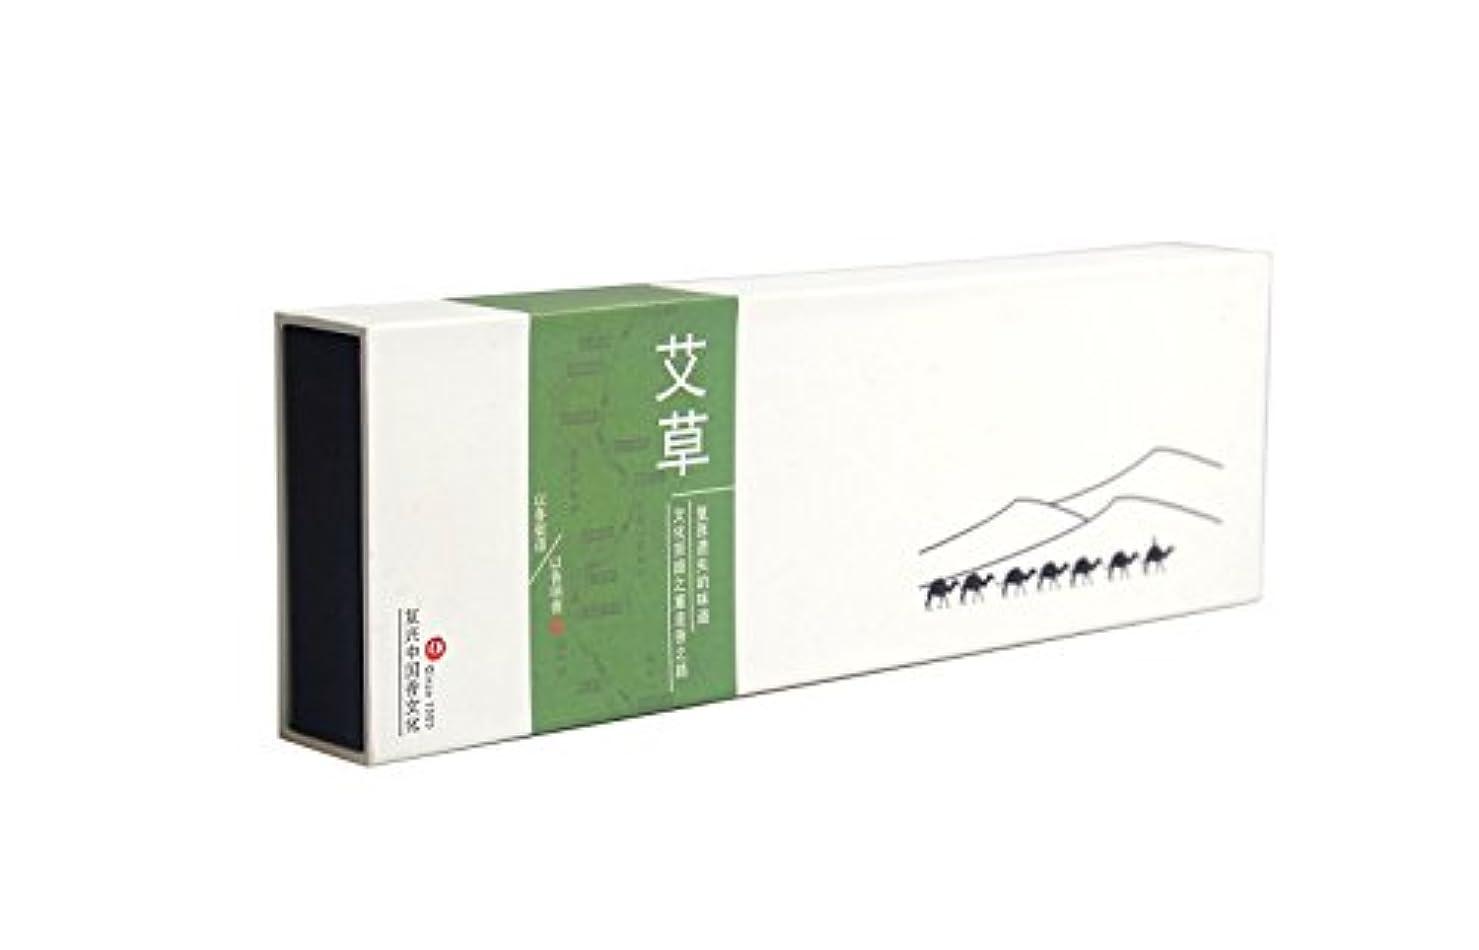 不正確人里離れた郵便屋さんHwagui アロマ お香 お線香立て 手作り 優しい香り ヨモギ しぜん スティック 天然香料 21cm 45分 60g